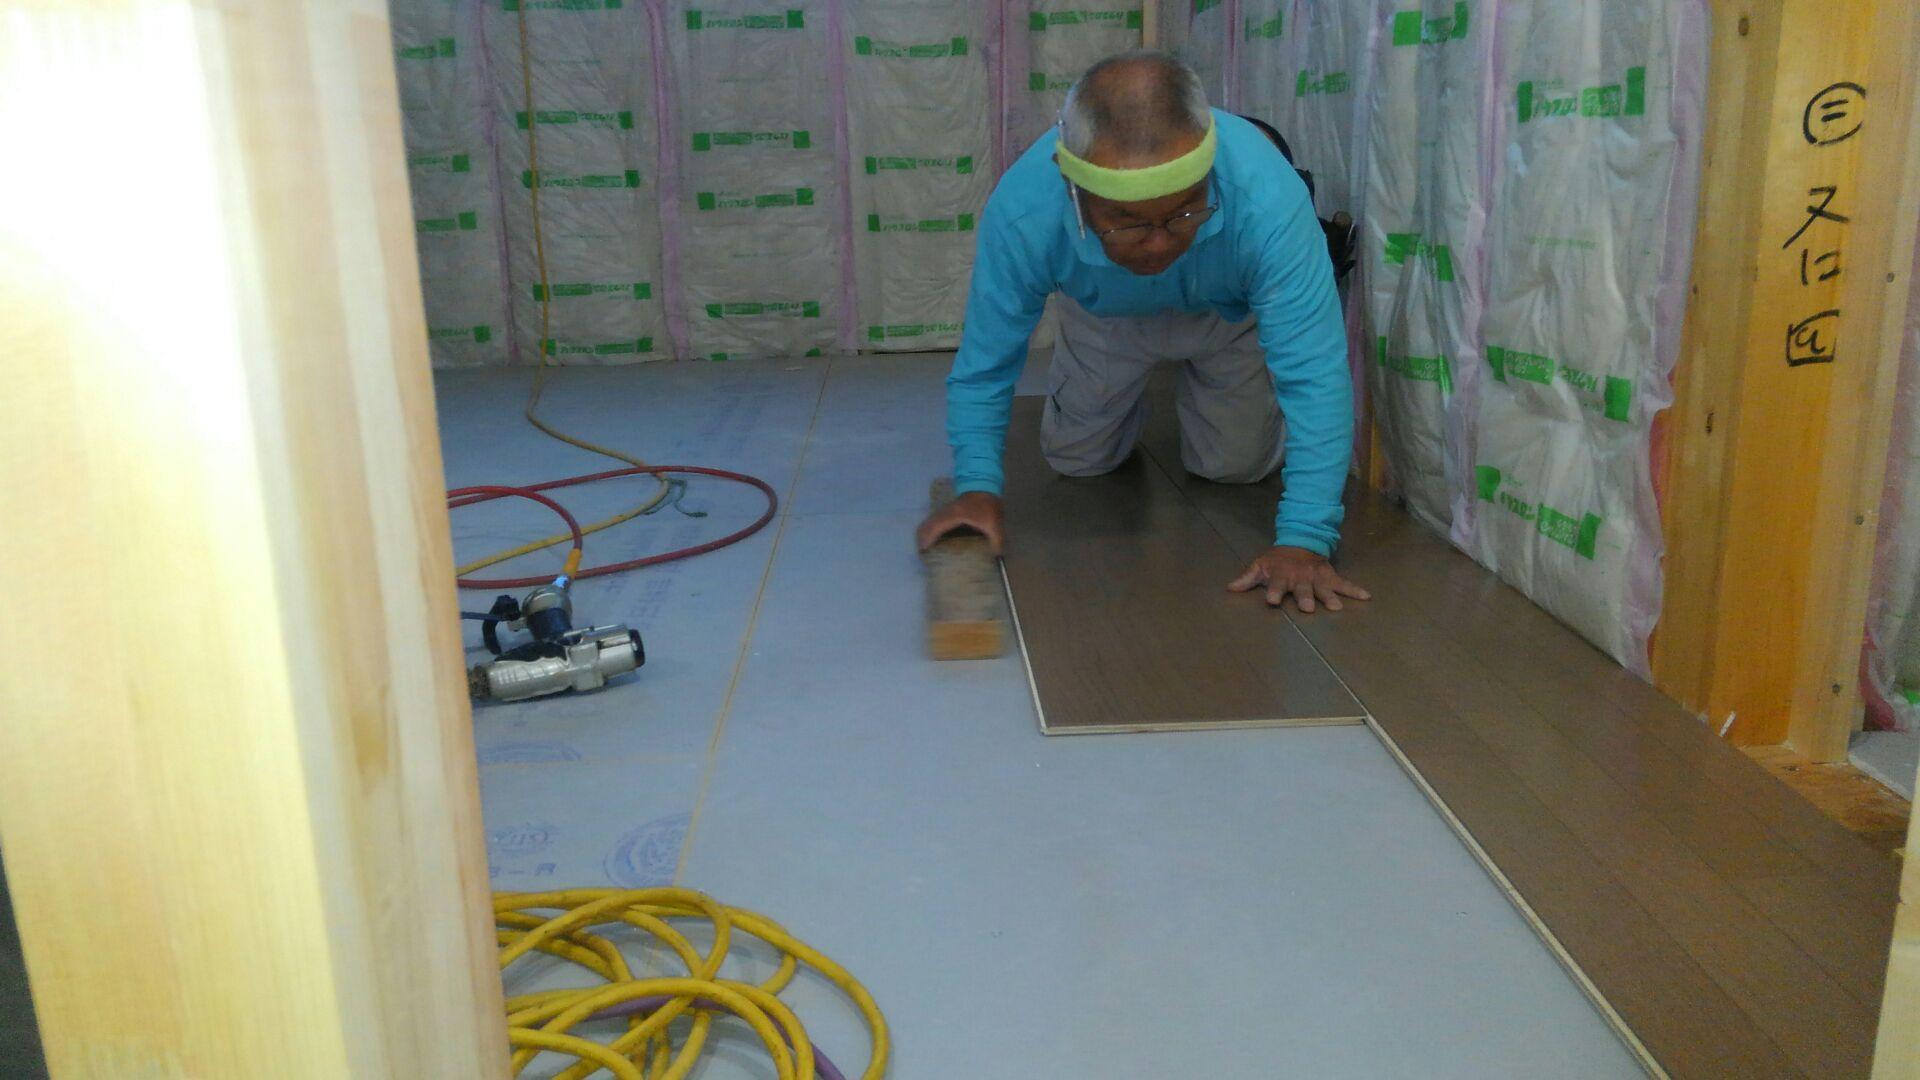 さっそく大工さんが床貼りです。順調に工事が進んでいます。